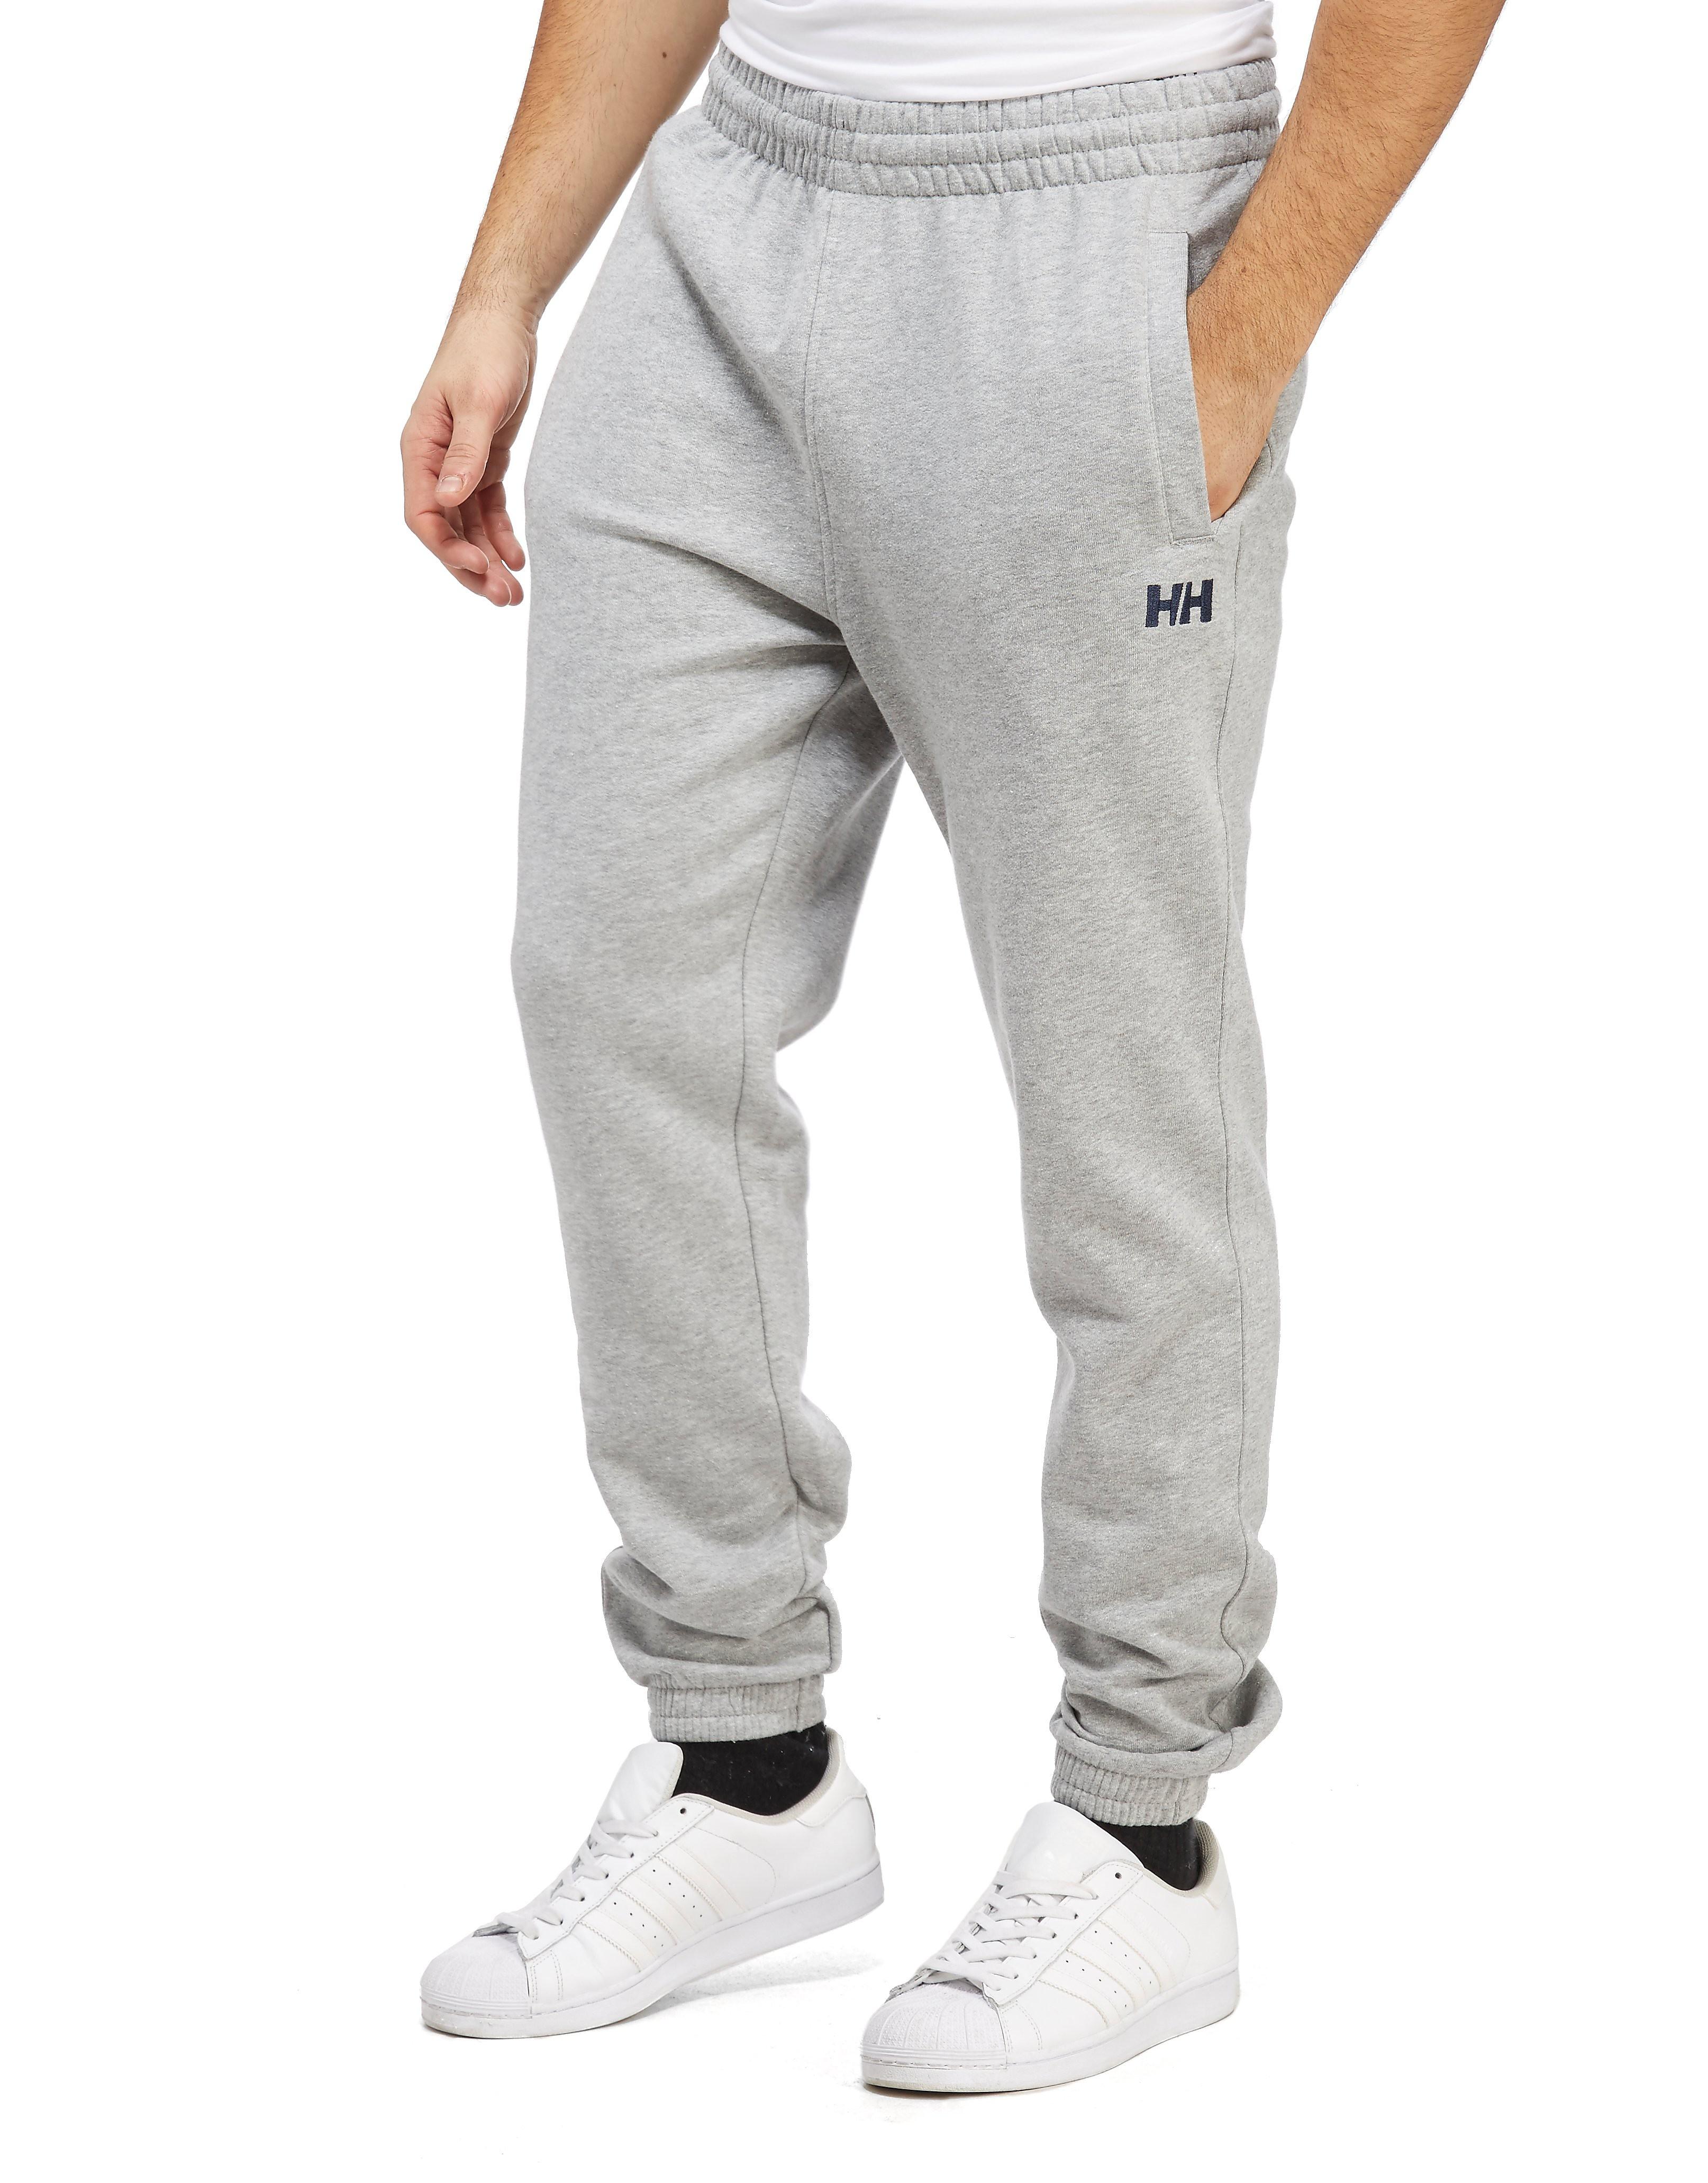 Helly Hansen Roslund Track Pants